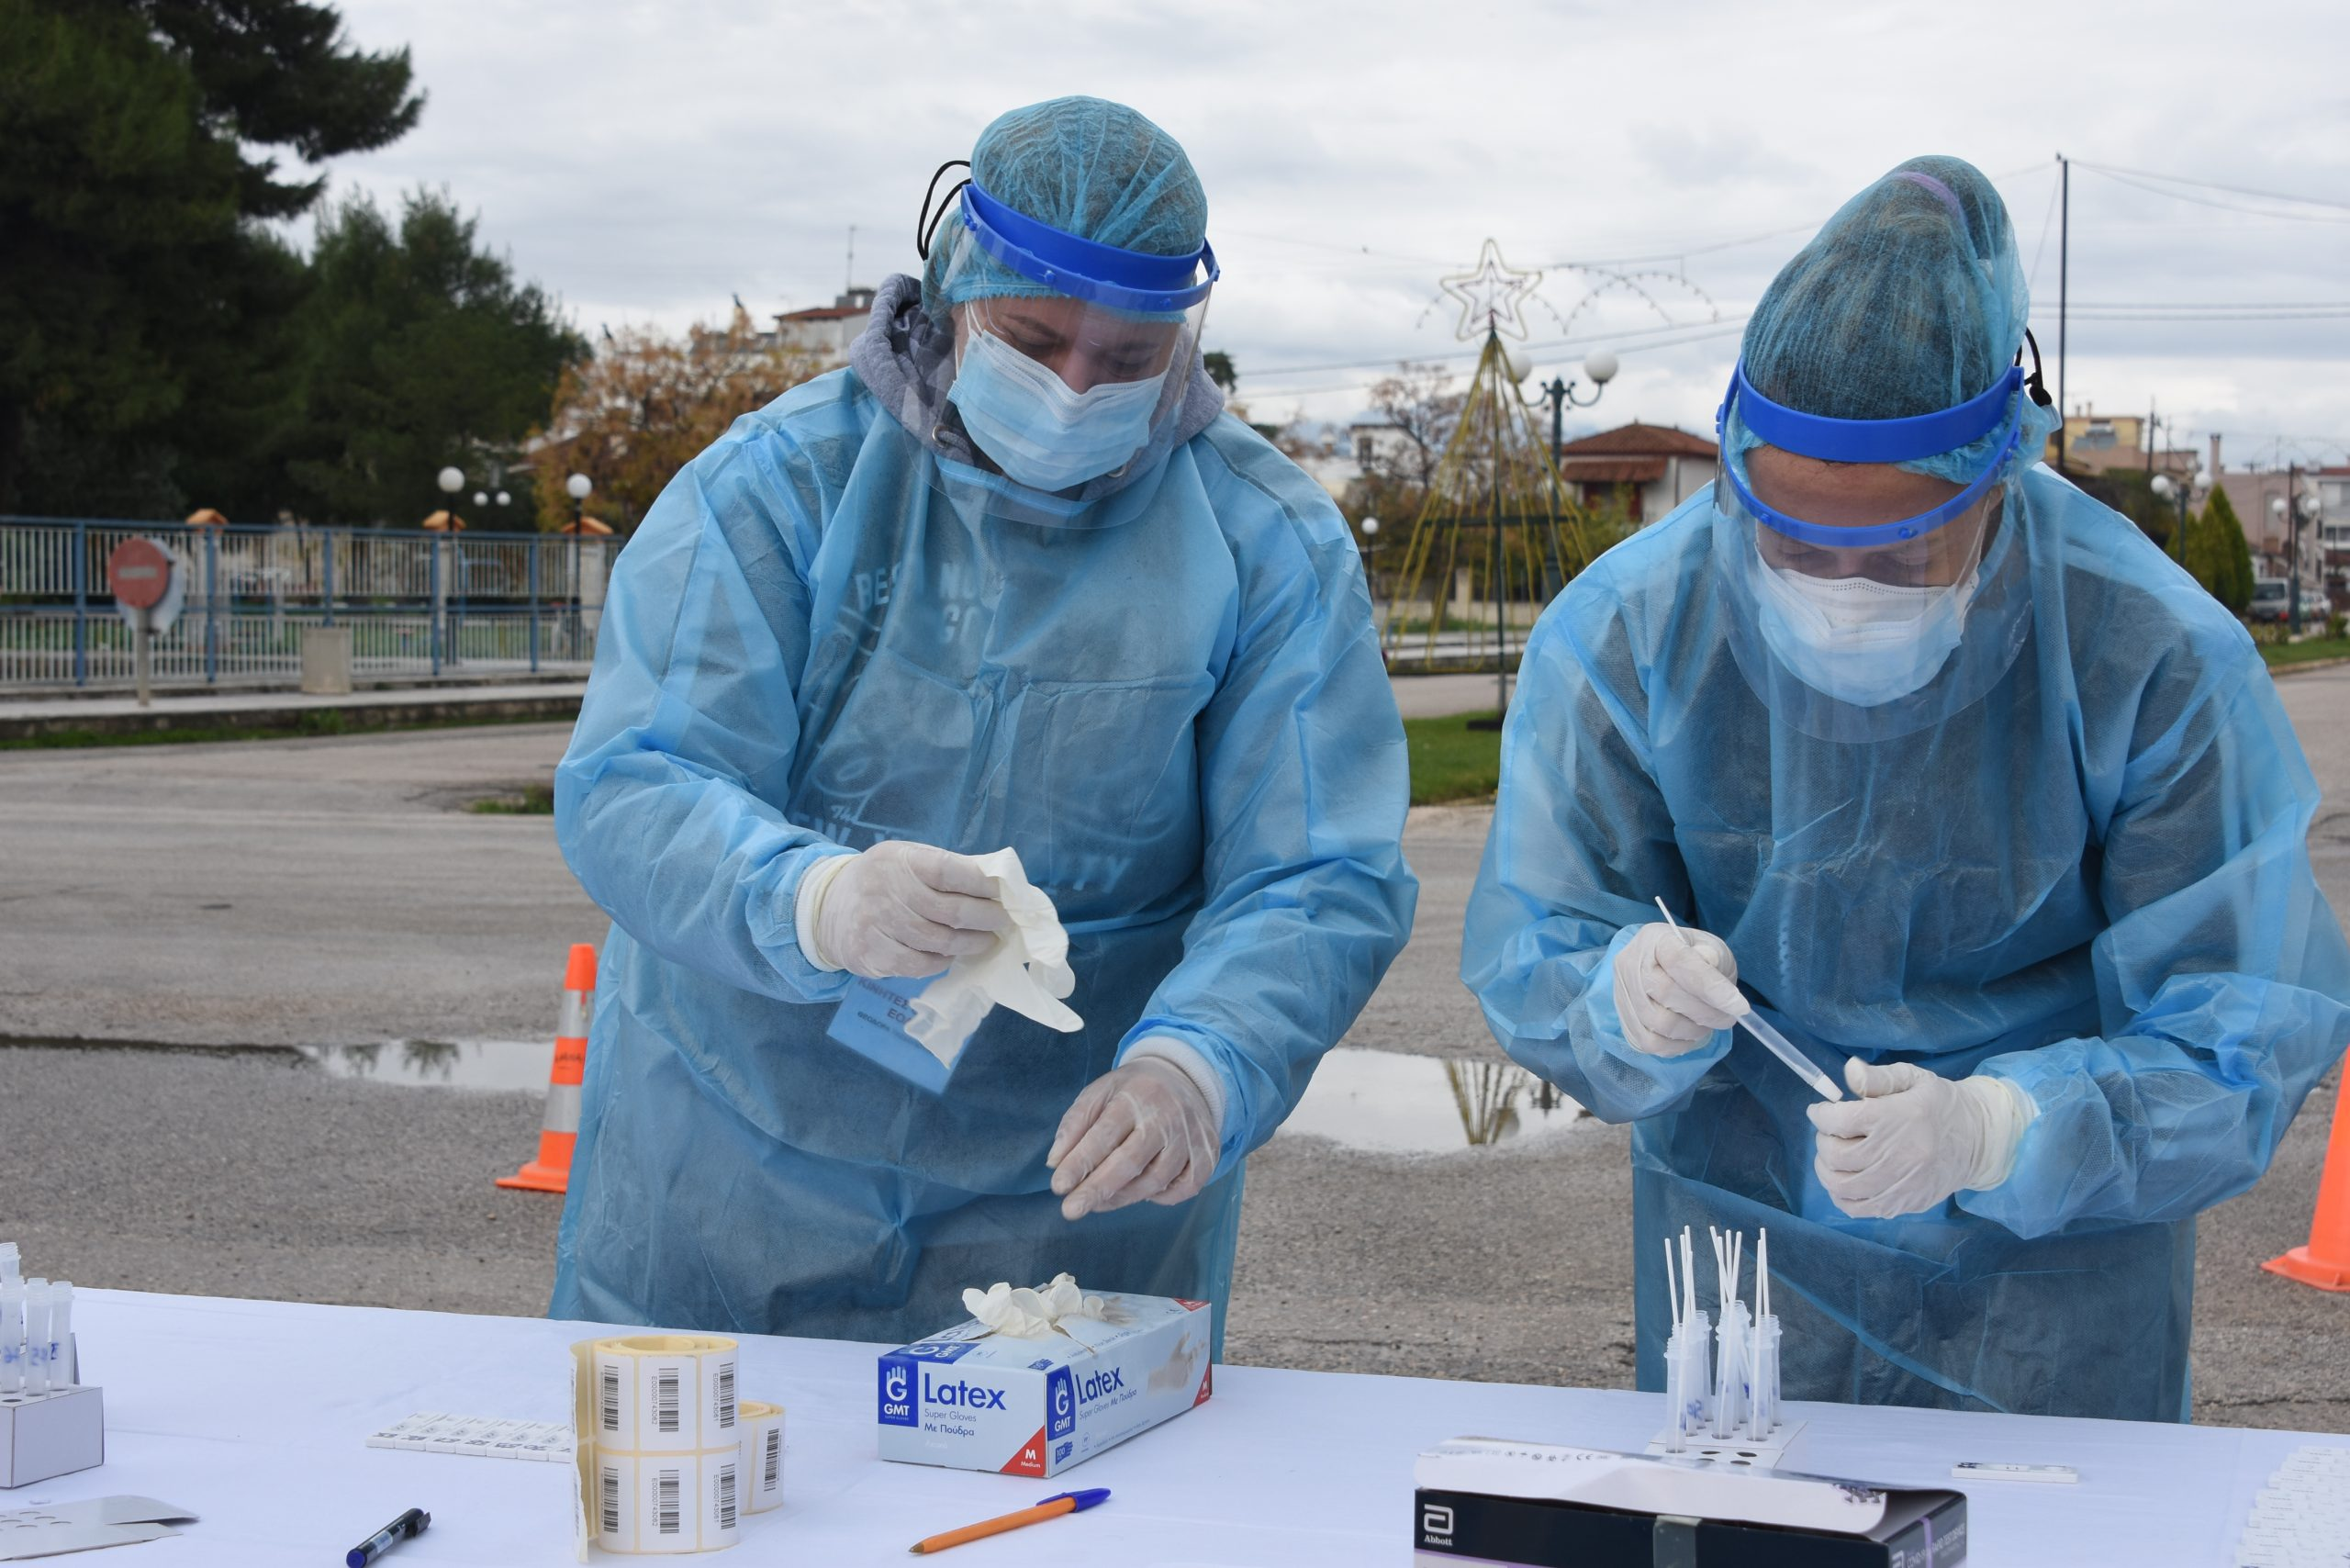 Μαζικά δωρεάν rapid test κορωνοϊού αύριο και μεθαύριο σε Αλίαρτο και Θεσπιές